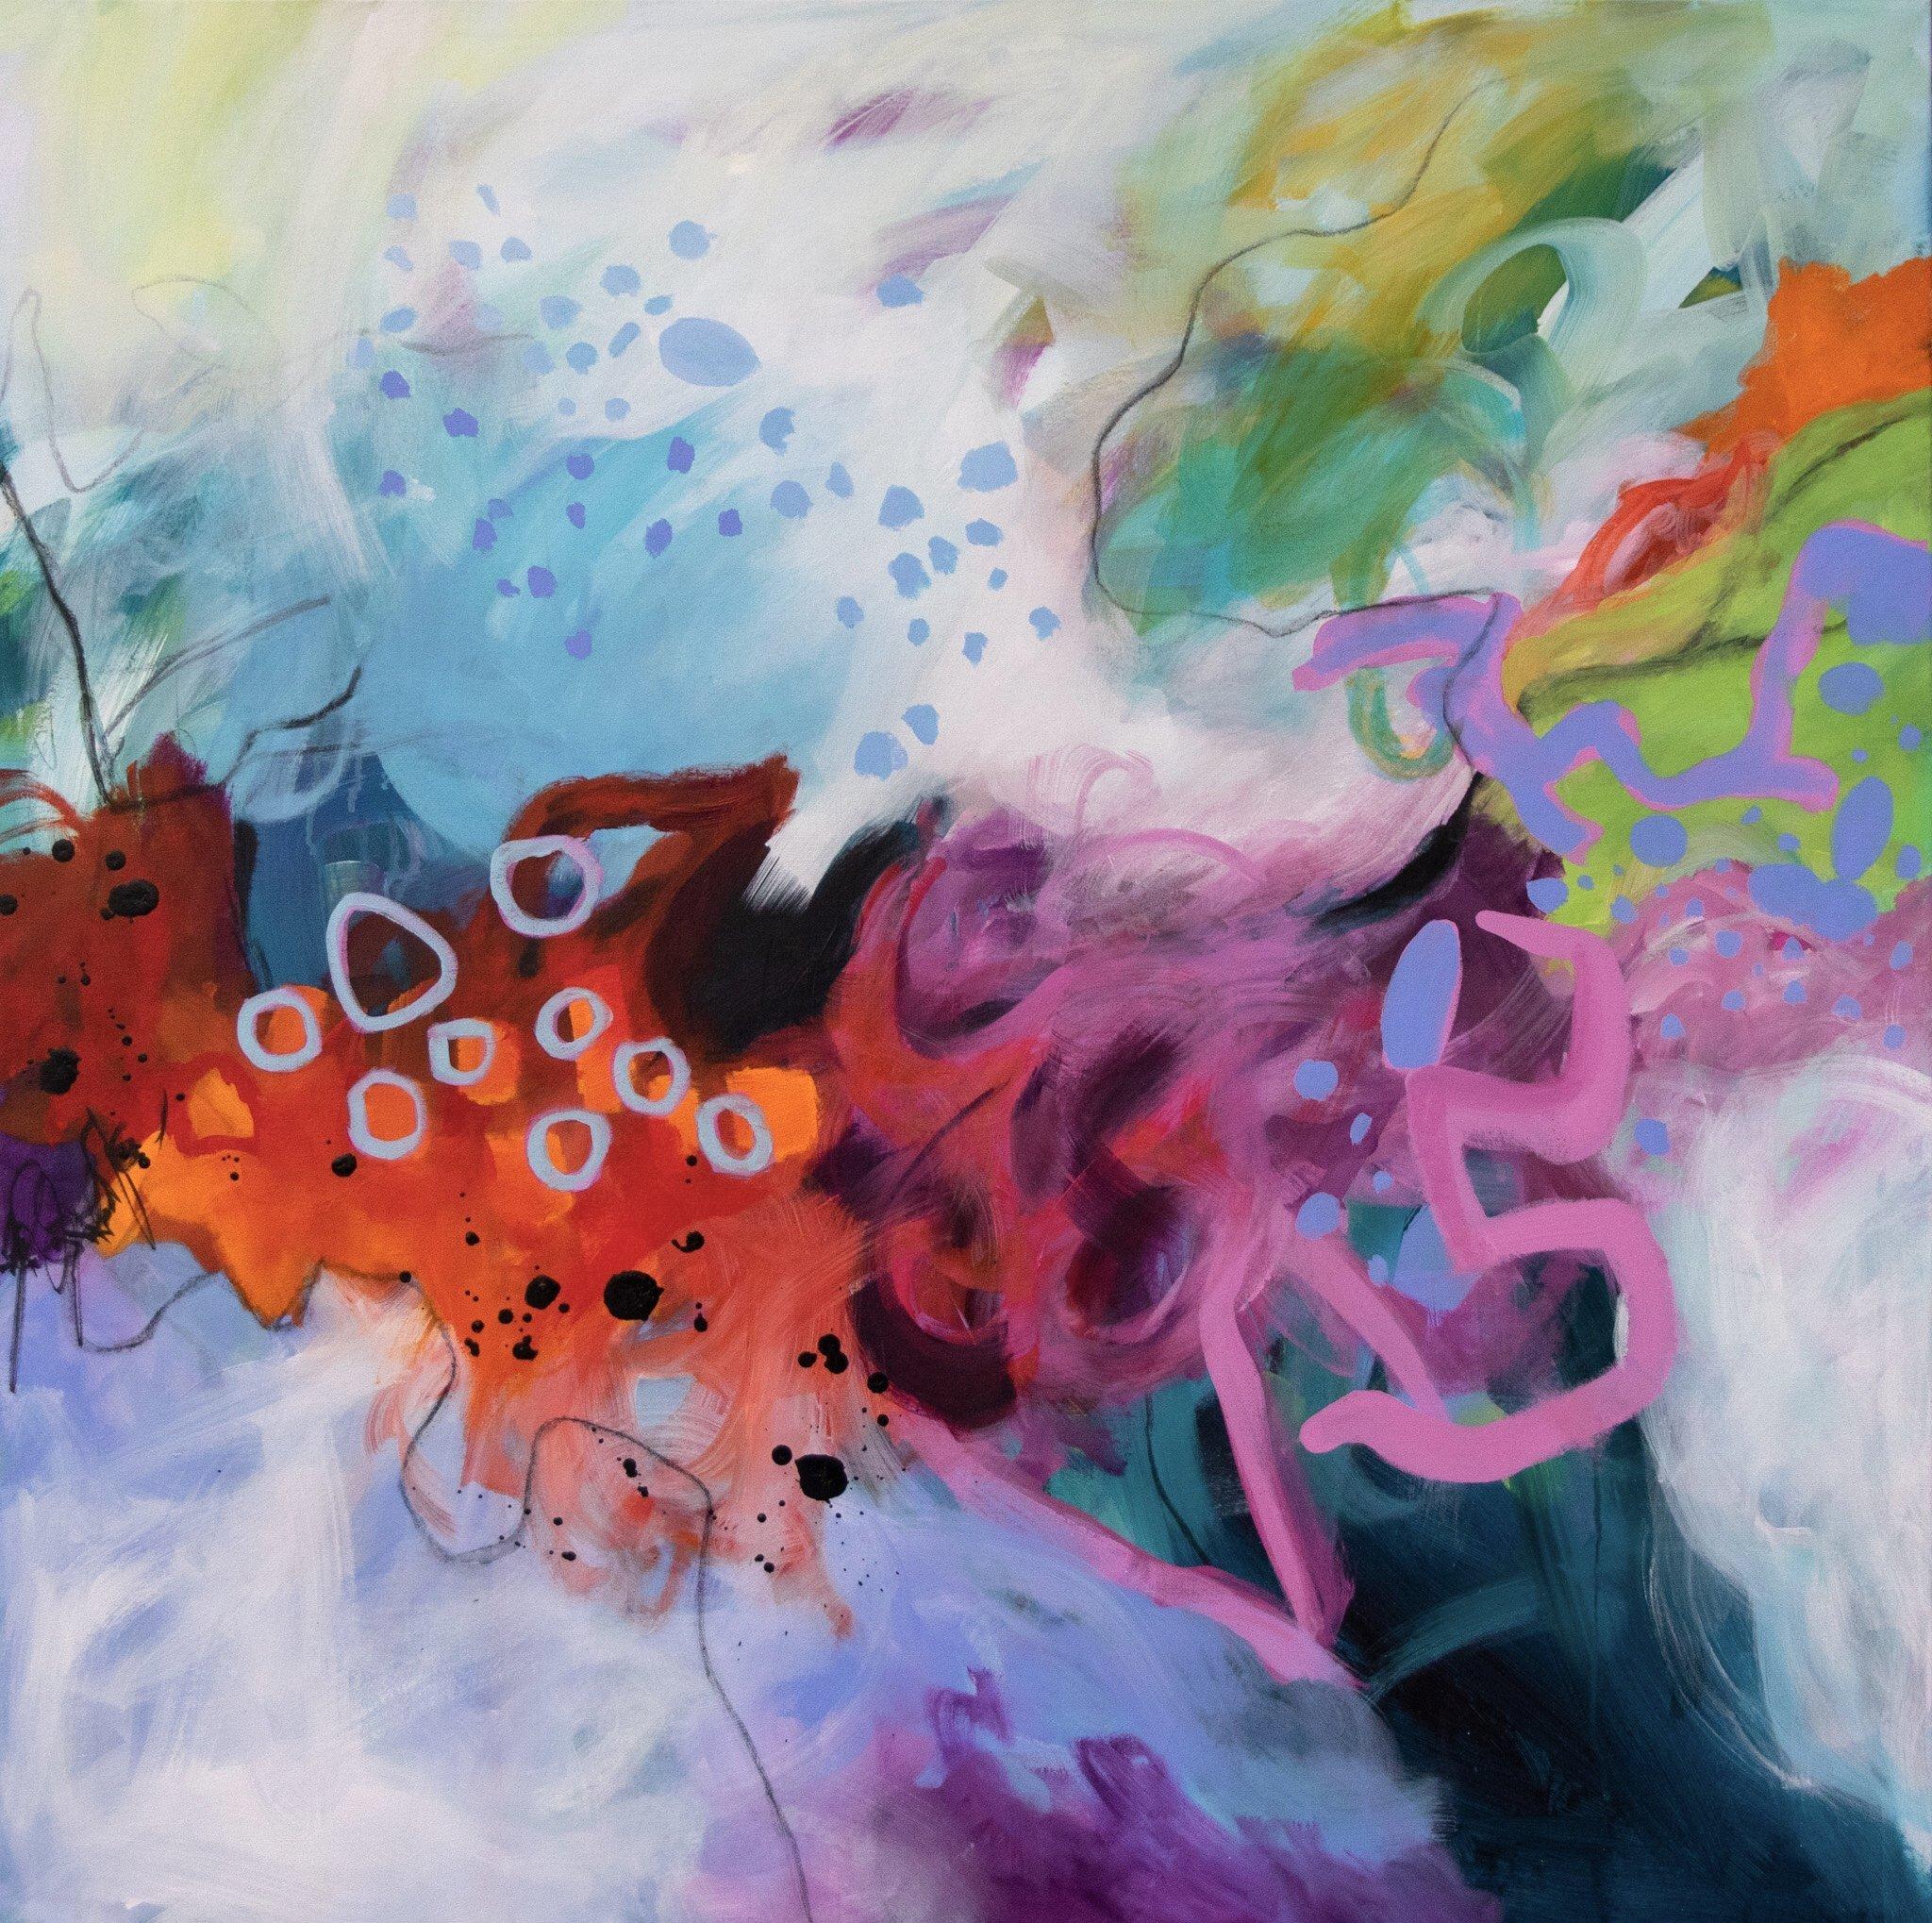 J'ai envie de rêver en couleurs